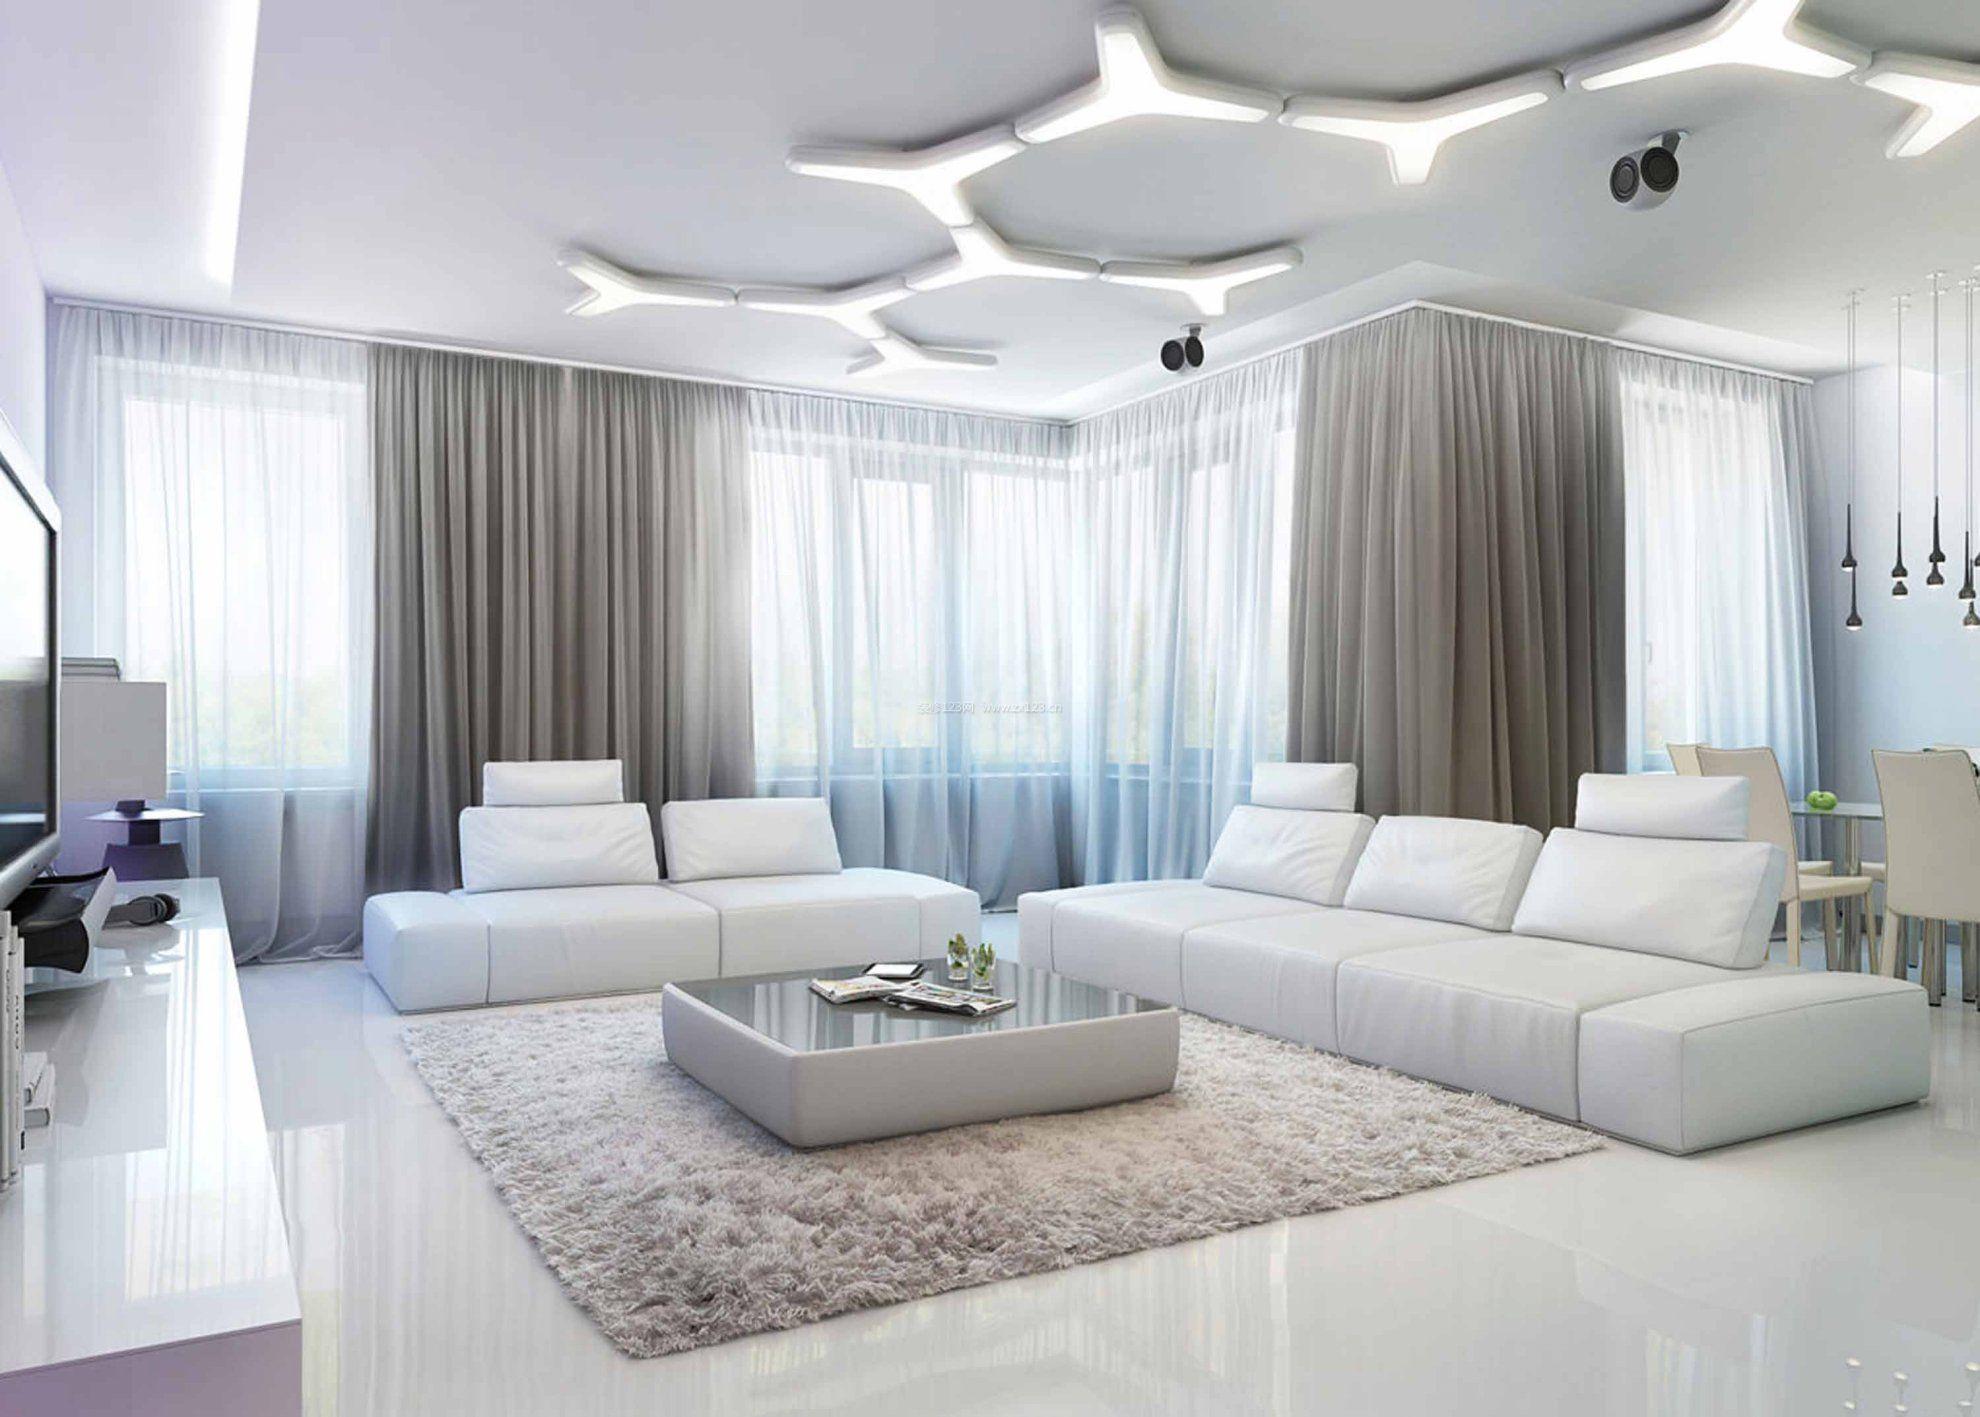 房子装修应该注意些什么?墙面装修怎么做?